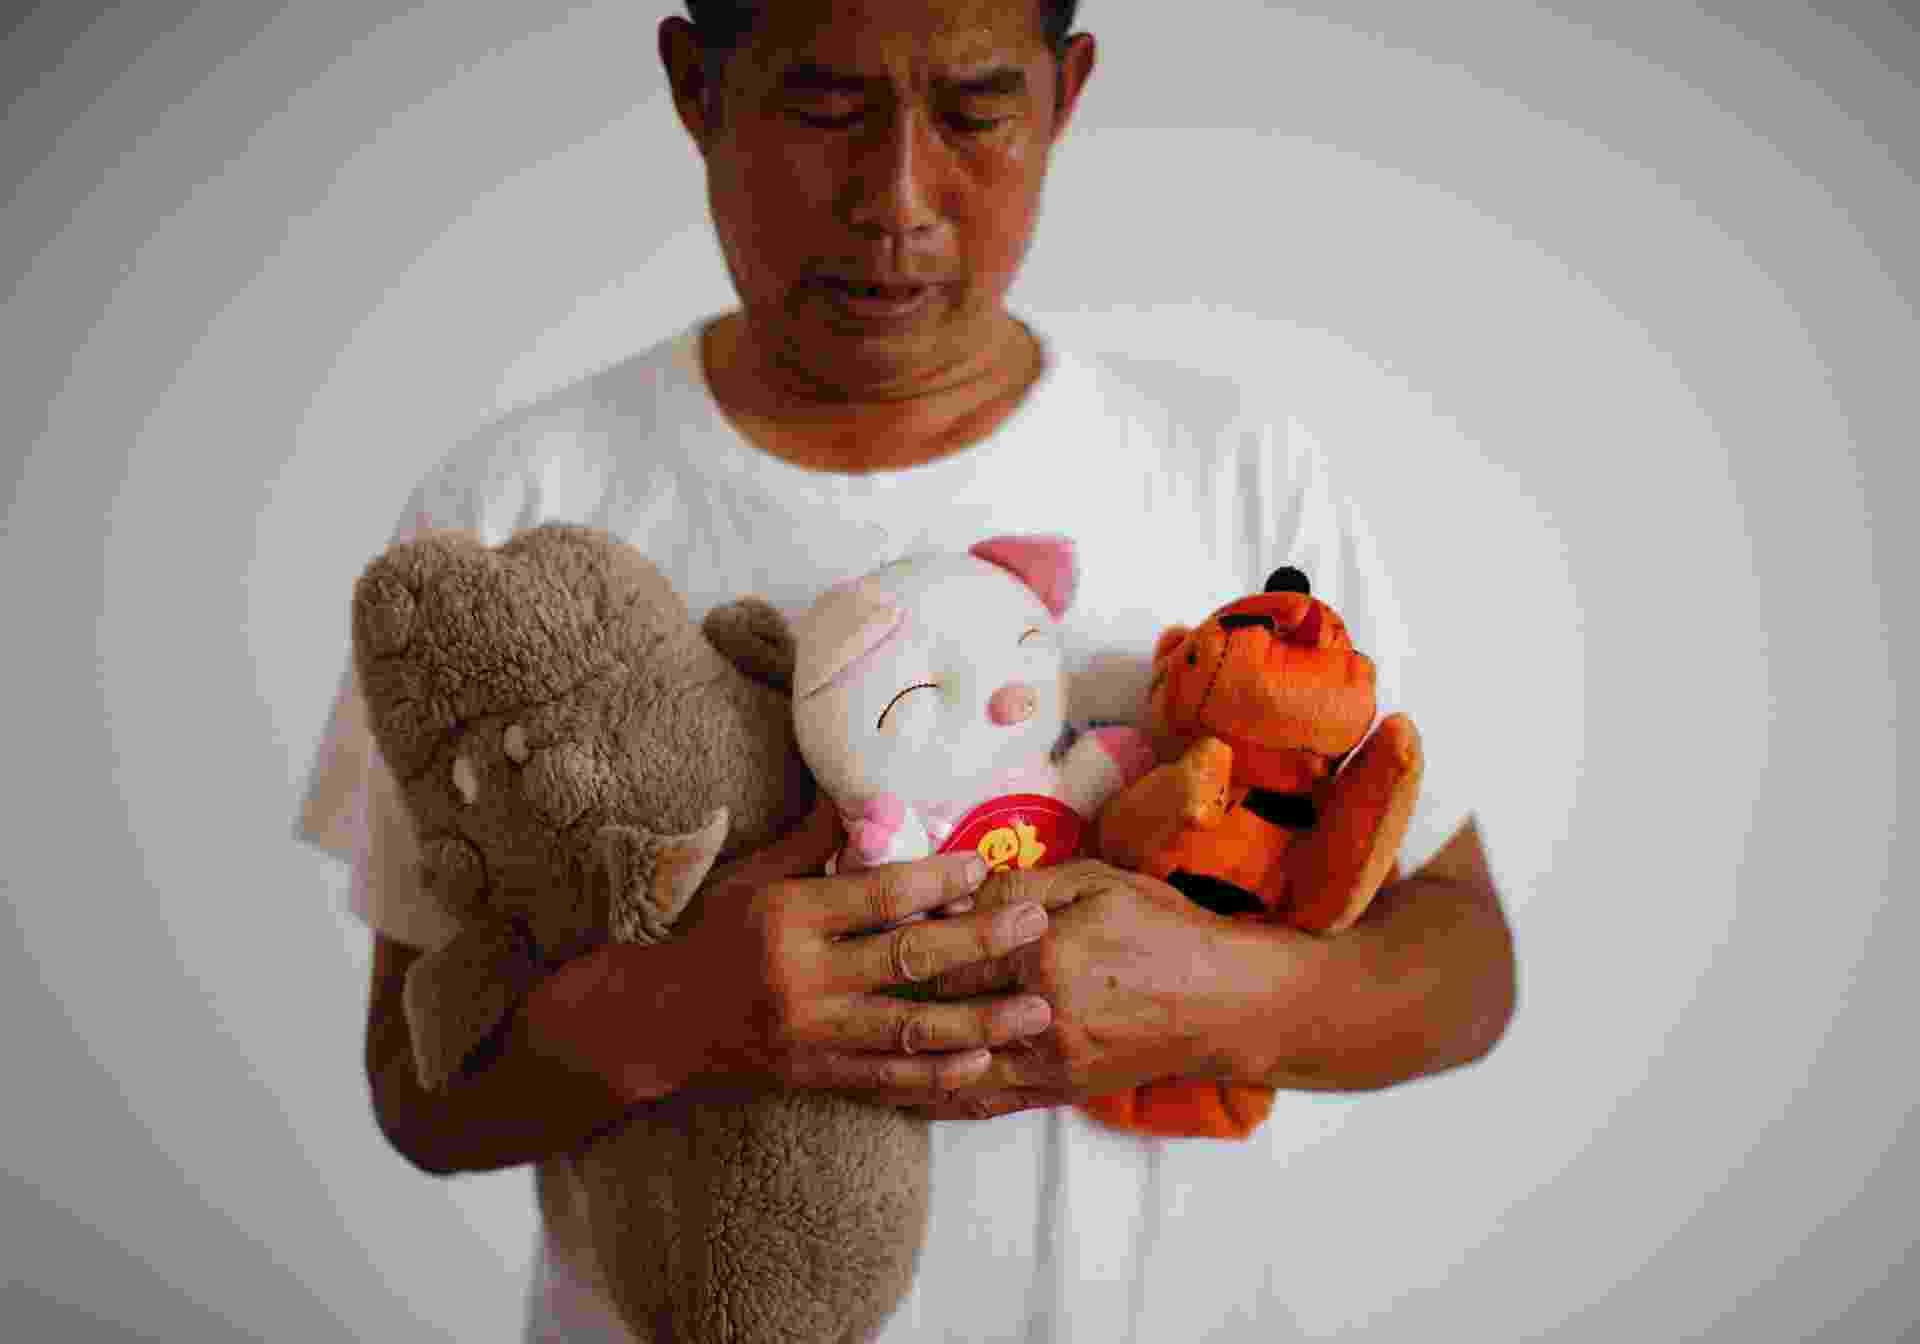 5.set.2014 - Zhang Yongli, cuja filha Zhang Qi estava a bordo do voo MH370 da Malaysia Airlines, que desapareceu em 8 de março, observa brinquedos de pelúcia da menina enquanto posa para foto em Pequim, na China. Zhang disse que o incidente devastou a sua vida e que sua esposa às vezes vaga quilômetros longe de casa porque se lembra da filha no lugar. O voo, que levava 239 pessoas a bordo, partiu de Kuala Lumpur em direção a Pequim e sumiu cerca de uma hora após decolar. Mais de 20 países ajudaram nas buscas, mas ainda não foram encontrados indícios do avião. A foto, tirada em 22 de julho de 2014, foi disponibilizada em 5 de setembro - Kim Kyung-Hoon/Reuters